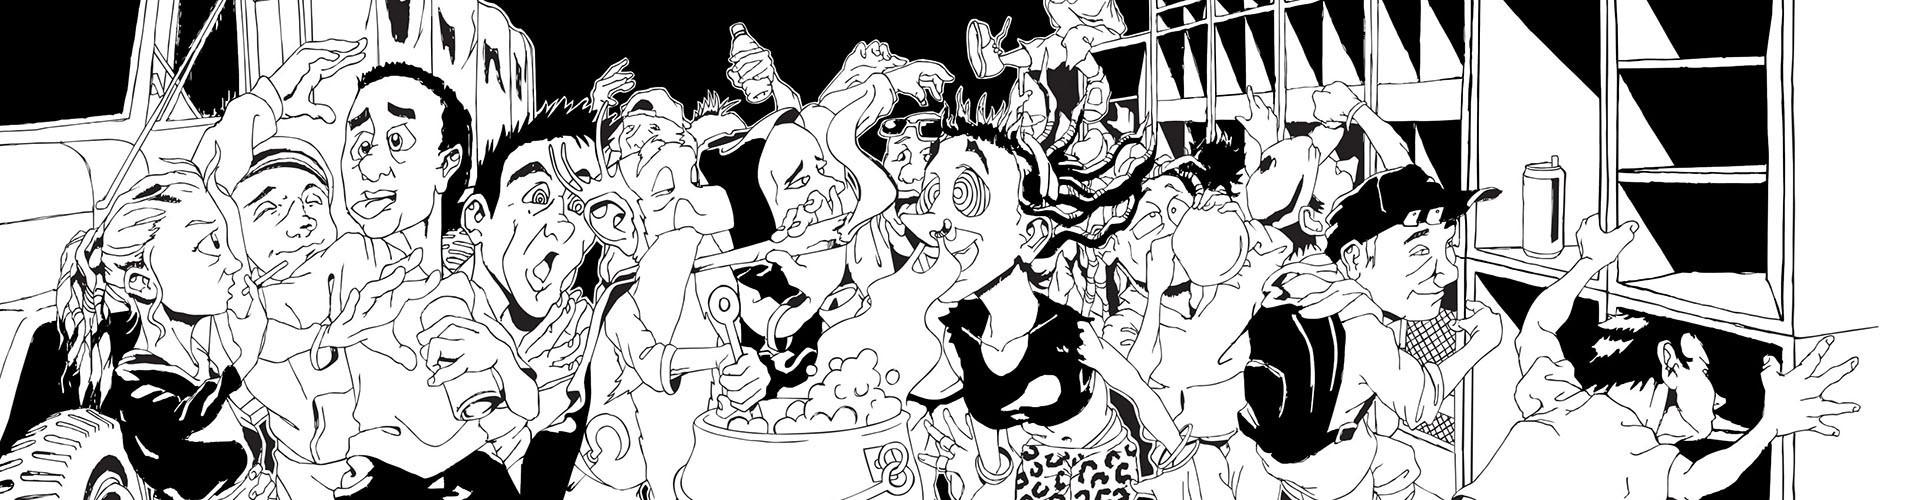 Tenture Sound System dans l'univers de la teuf, free-party rave